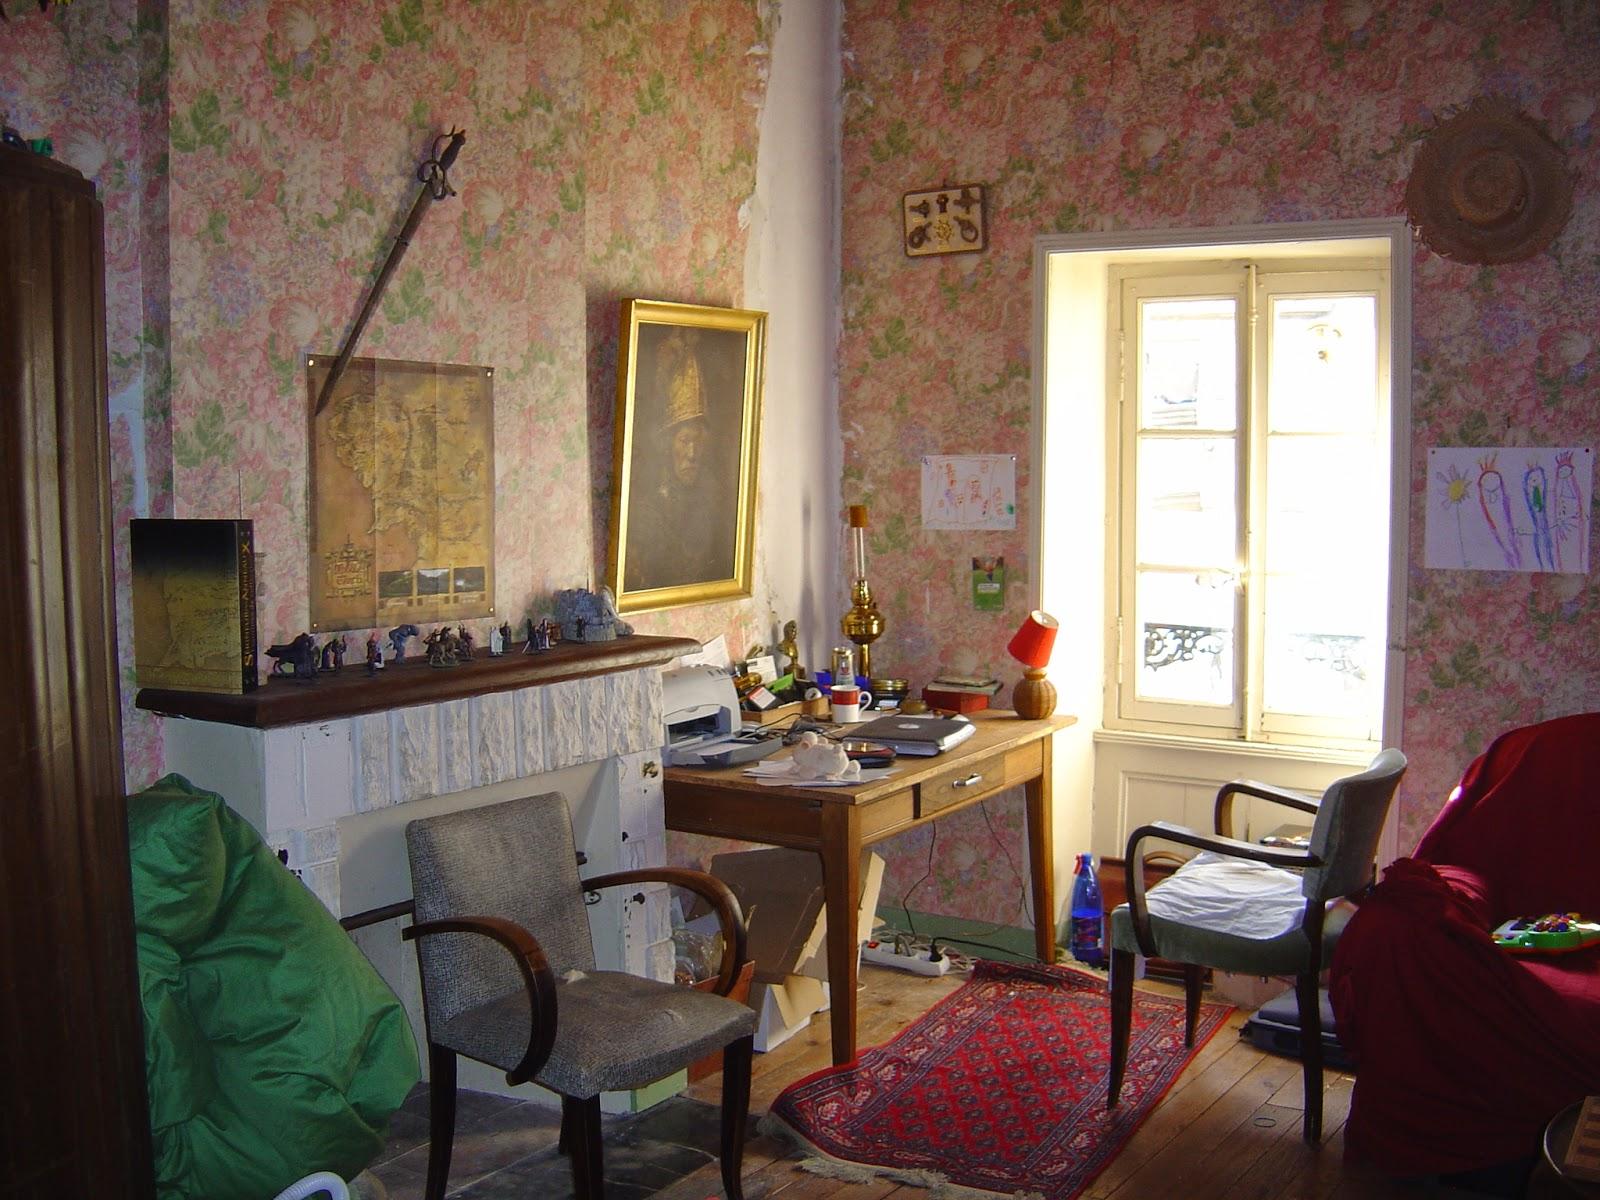 Papier peint chambre ComprendreChoisir - Papier Peint Chambre Homme